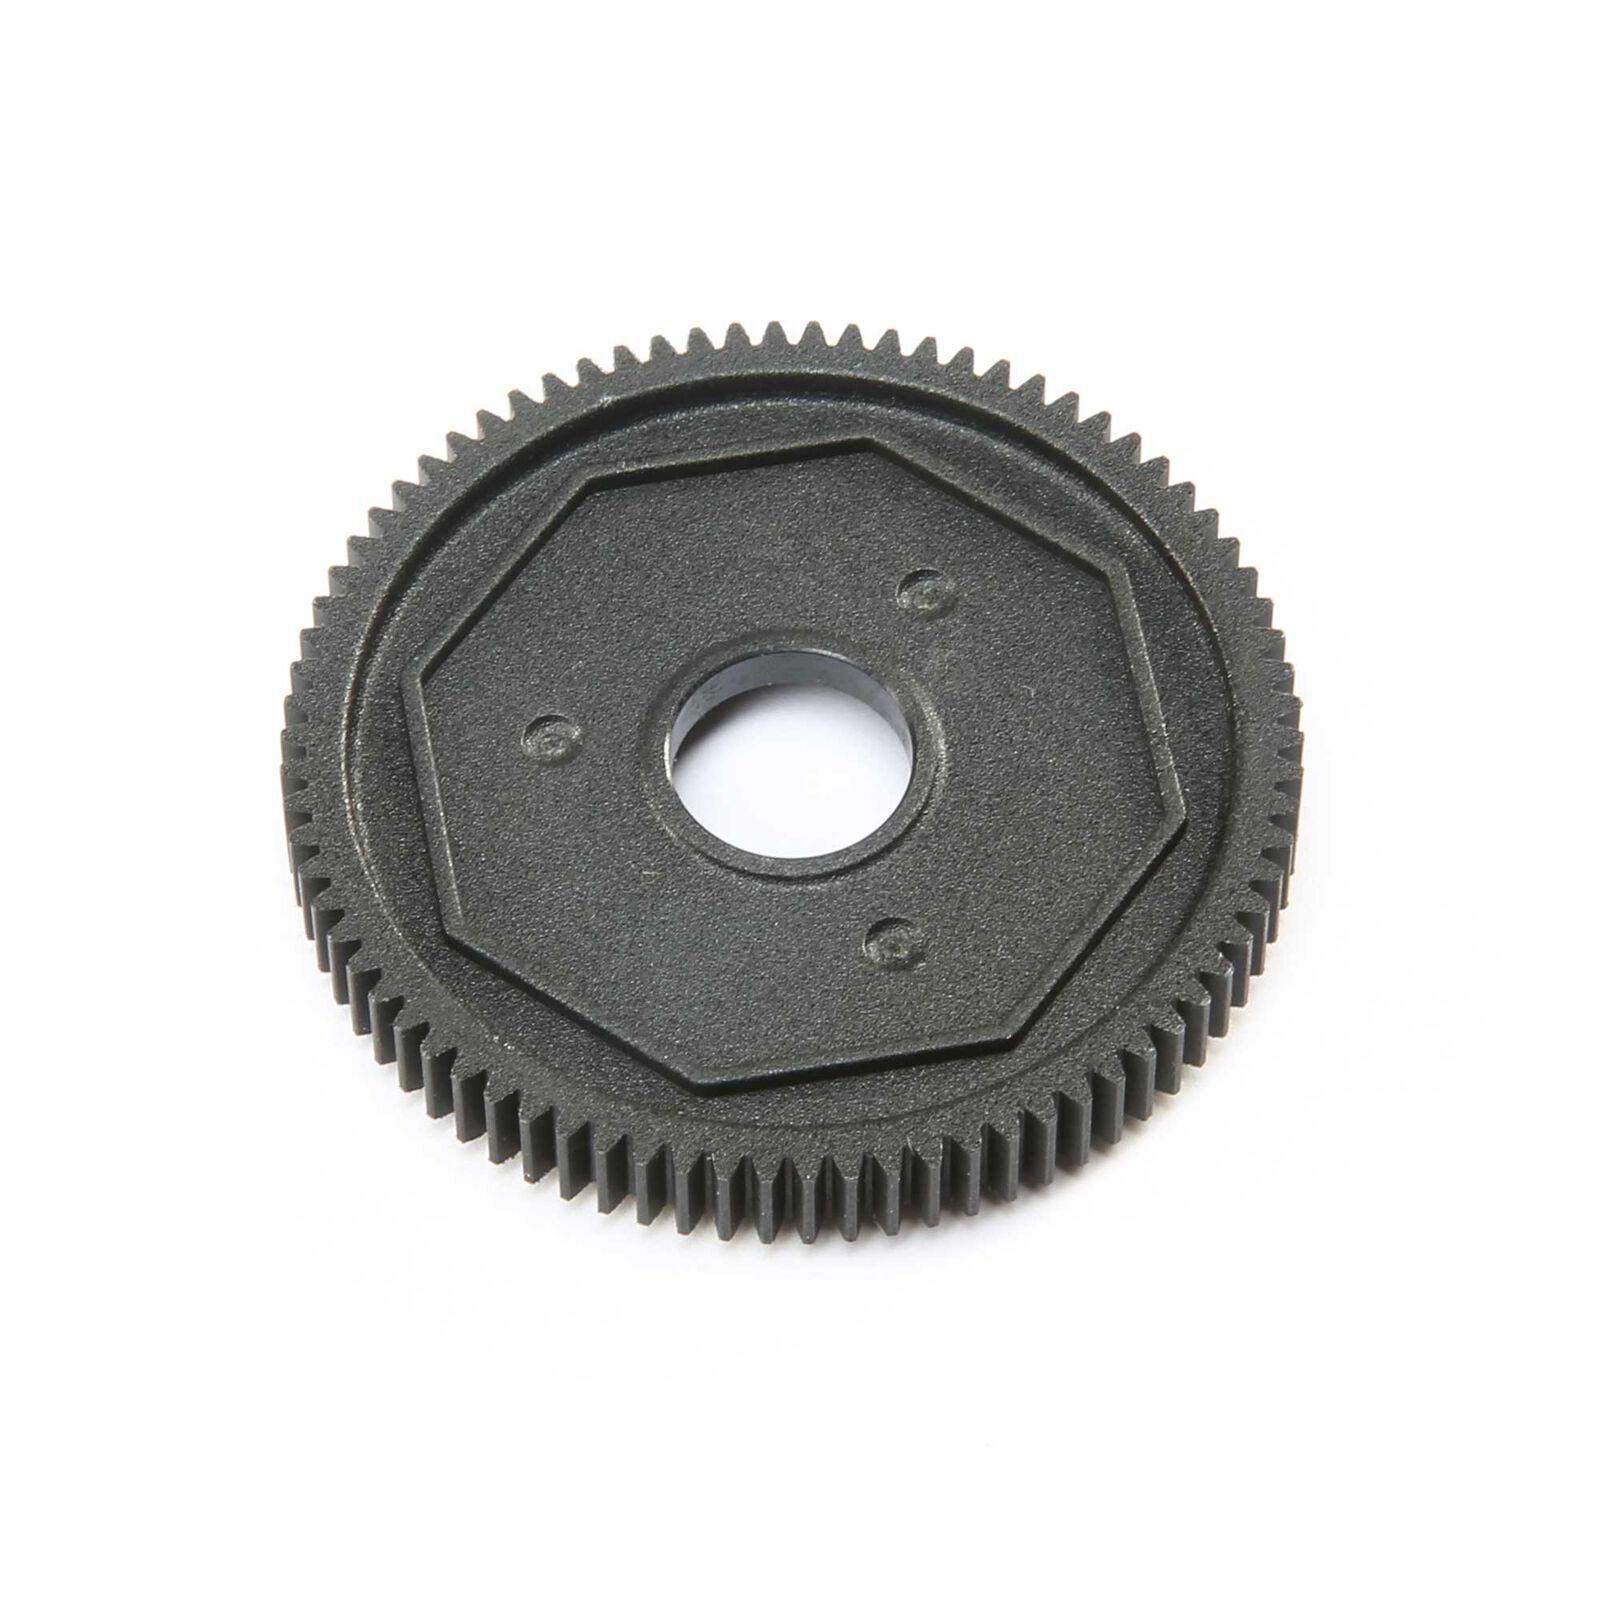 78T Spur Gear Slipper: 22X-4